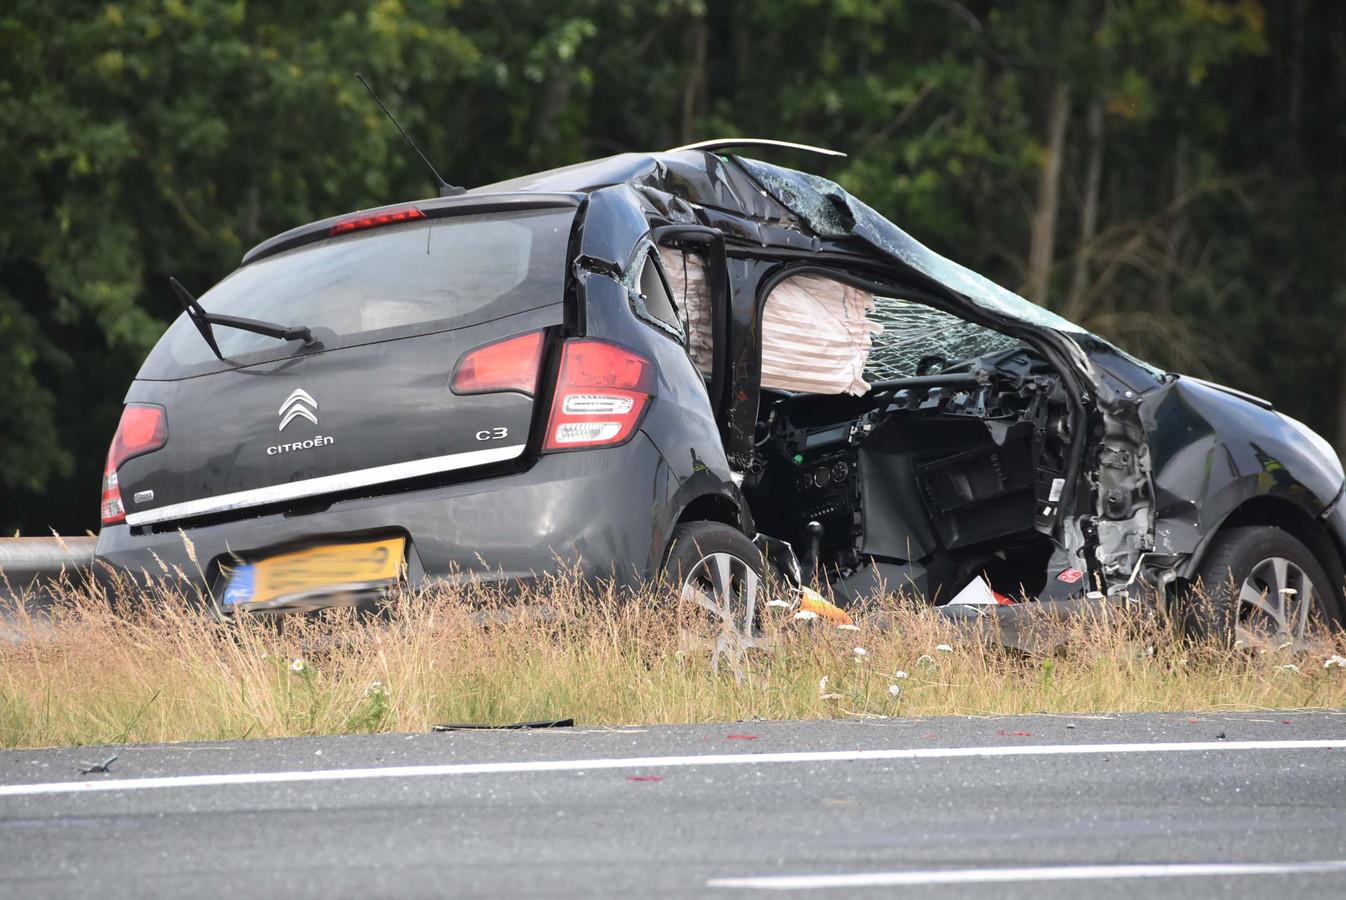 Flinke schade aan de auto's door de aanrijding bij De Wijk.